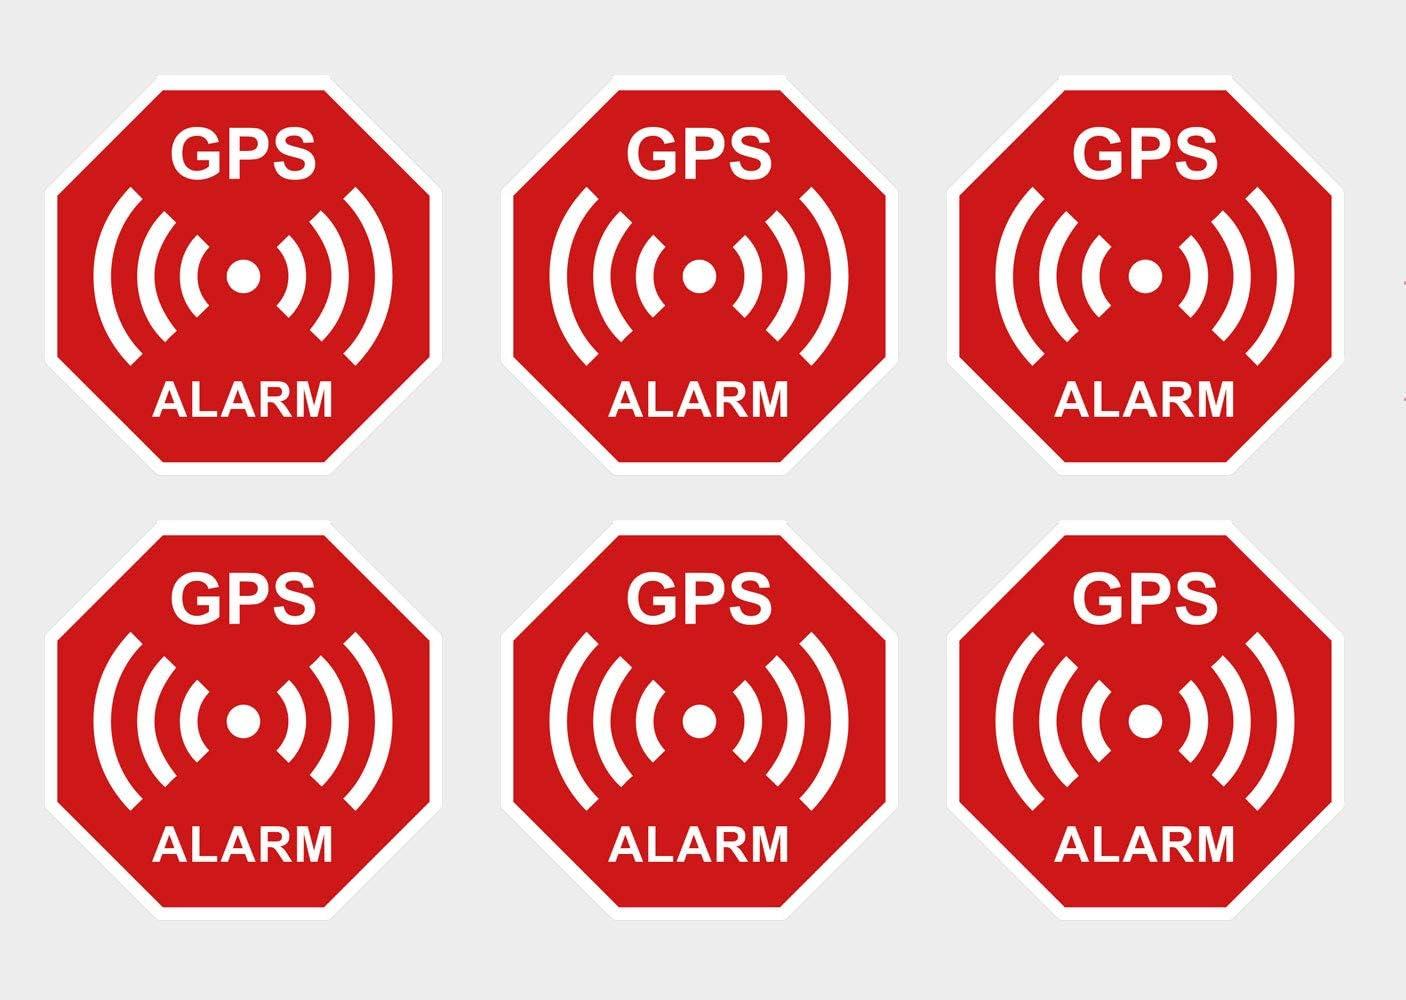 6 Stück Premium Aufkleber Gps Alarm Sicherheit Hinweis Warnung Wetterfest Uv Beständig Baumarkt